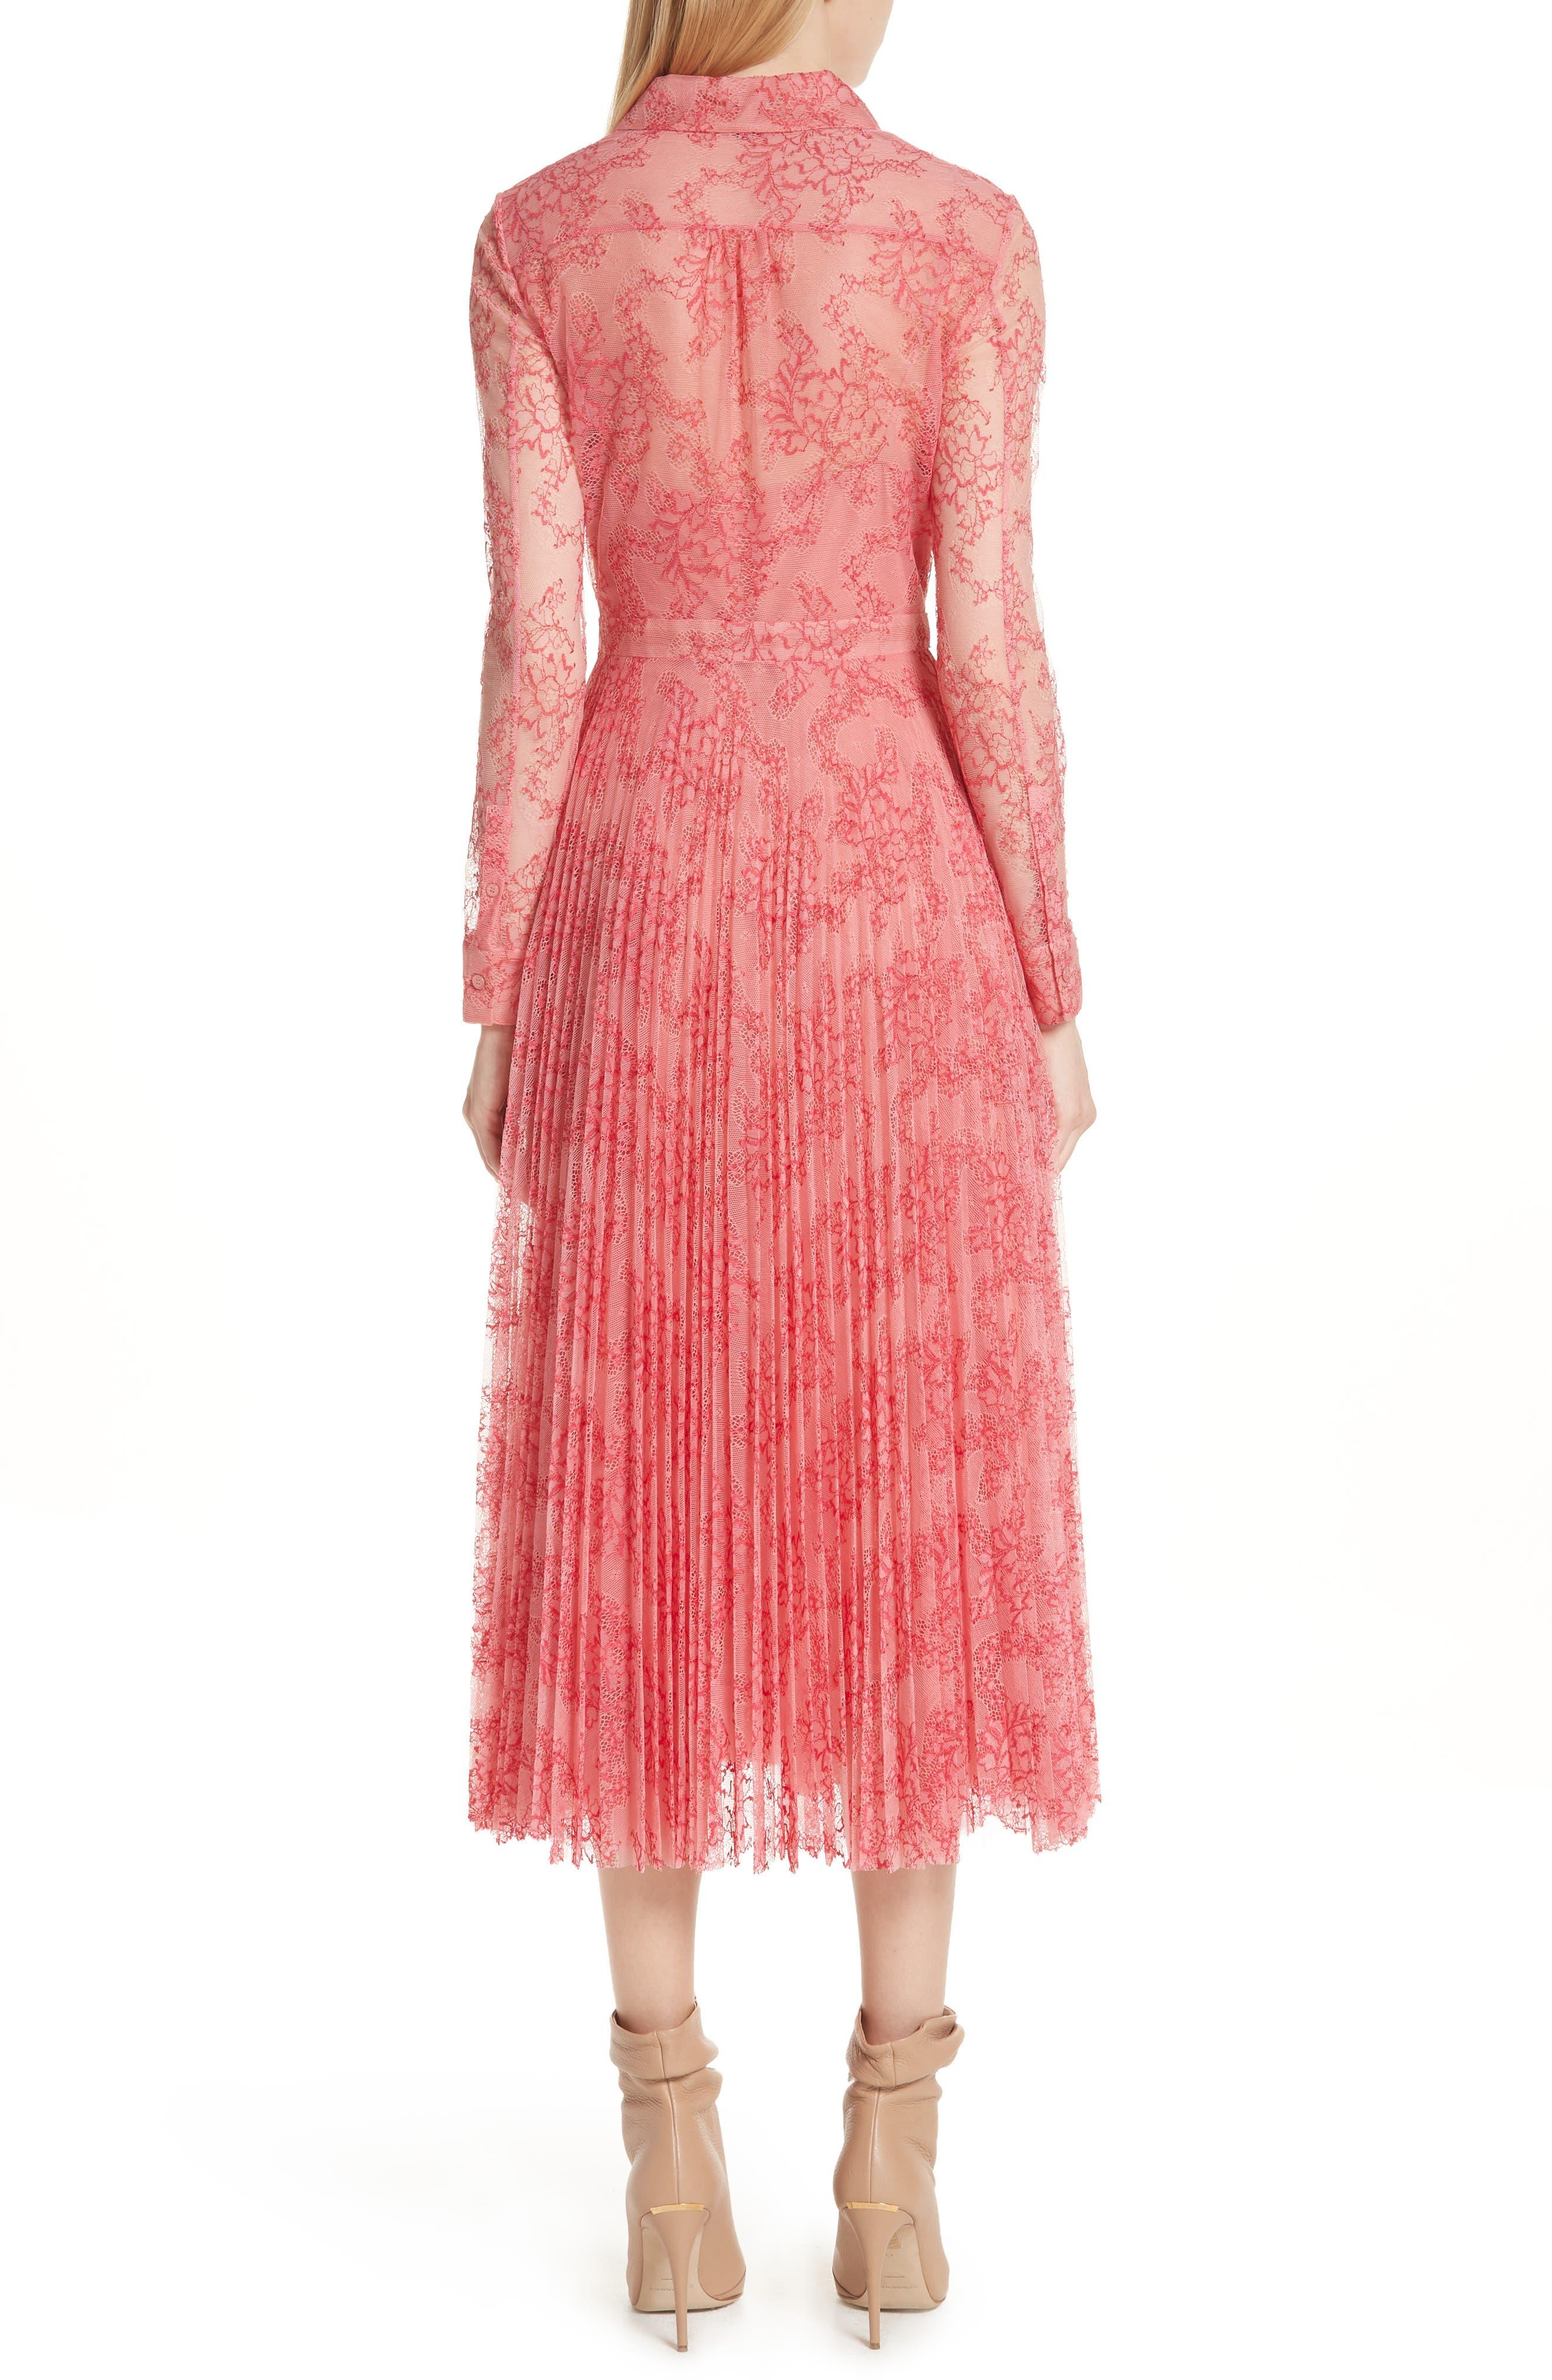 Clementine Floral Lace Midi Dress,                             Alternate thumbnail 2, color,                             956